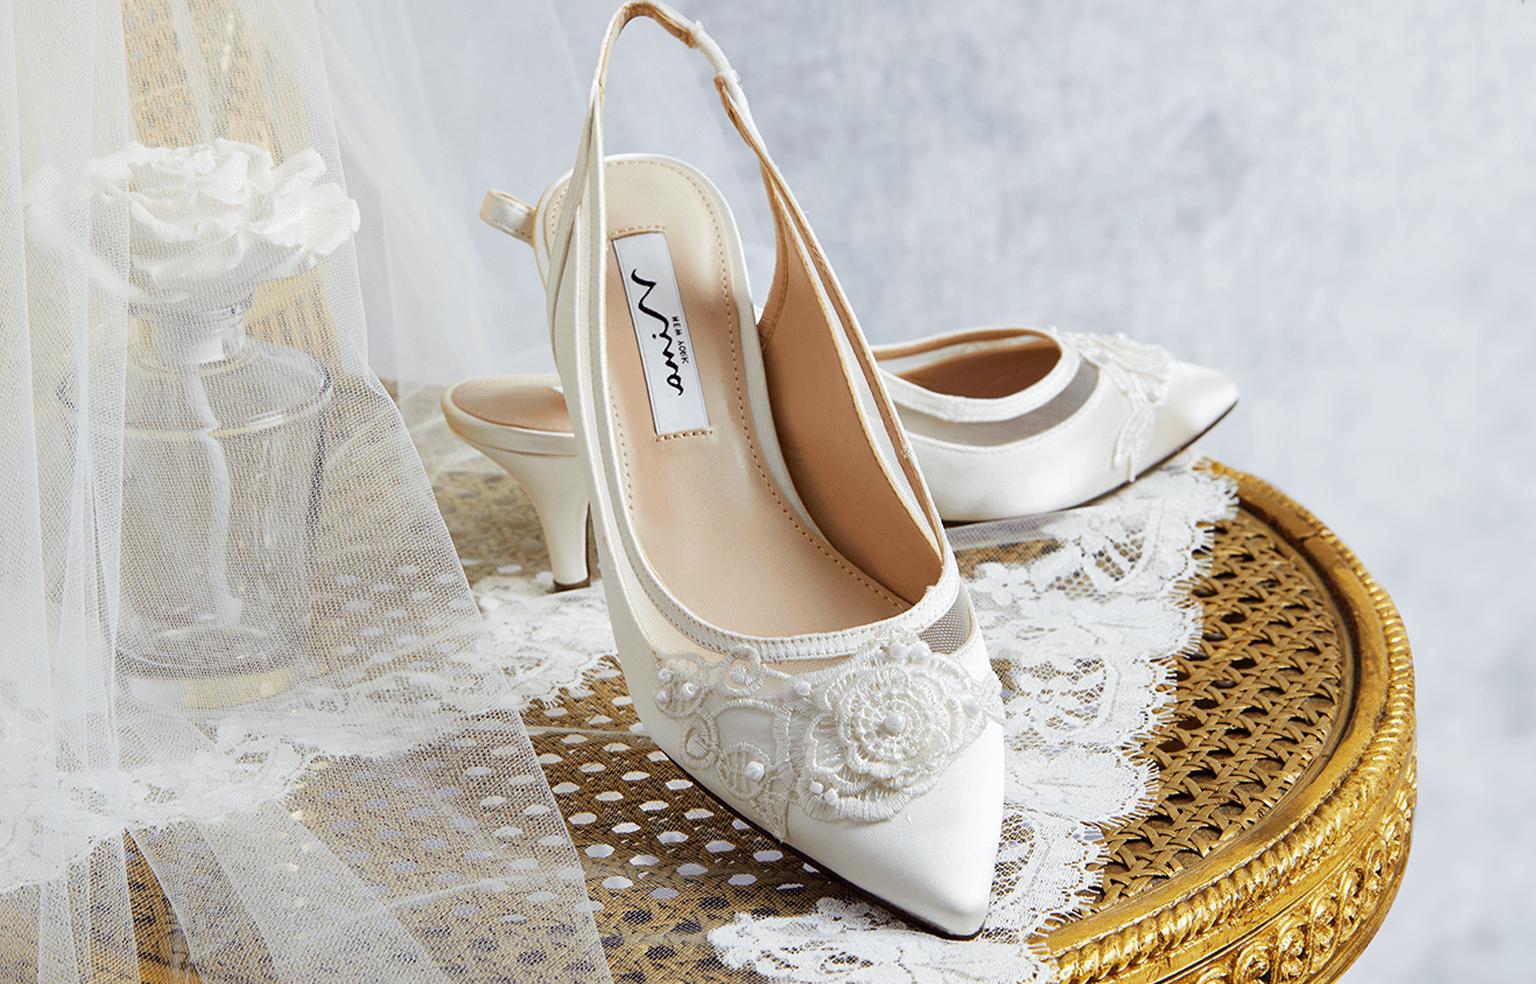 Hochzeitsschuhe – Hohe oder flache Brautschuhe?